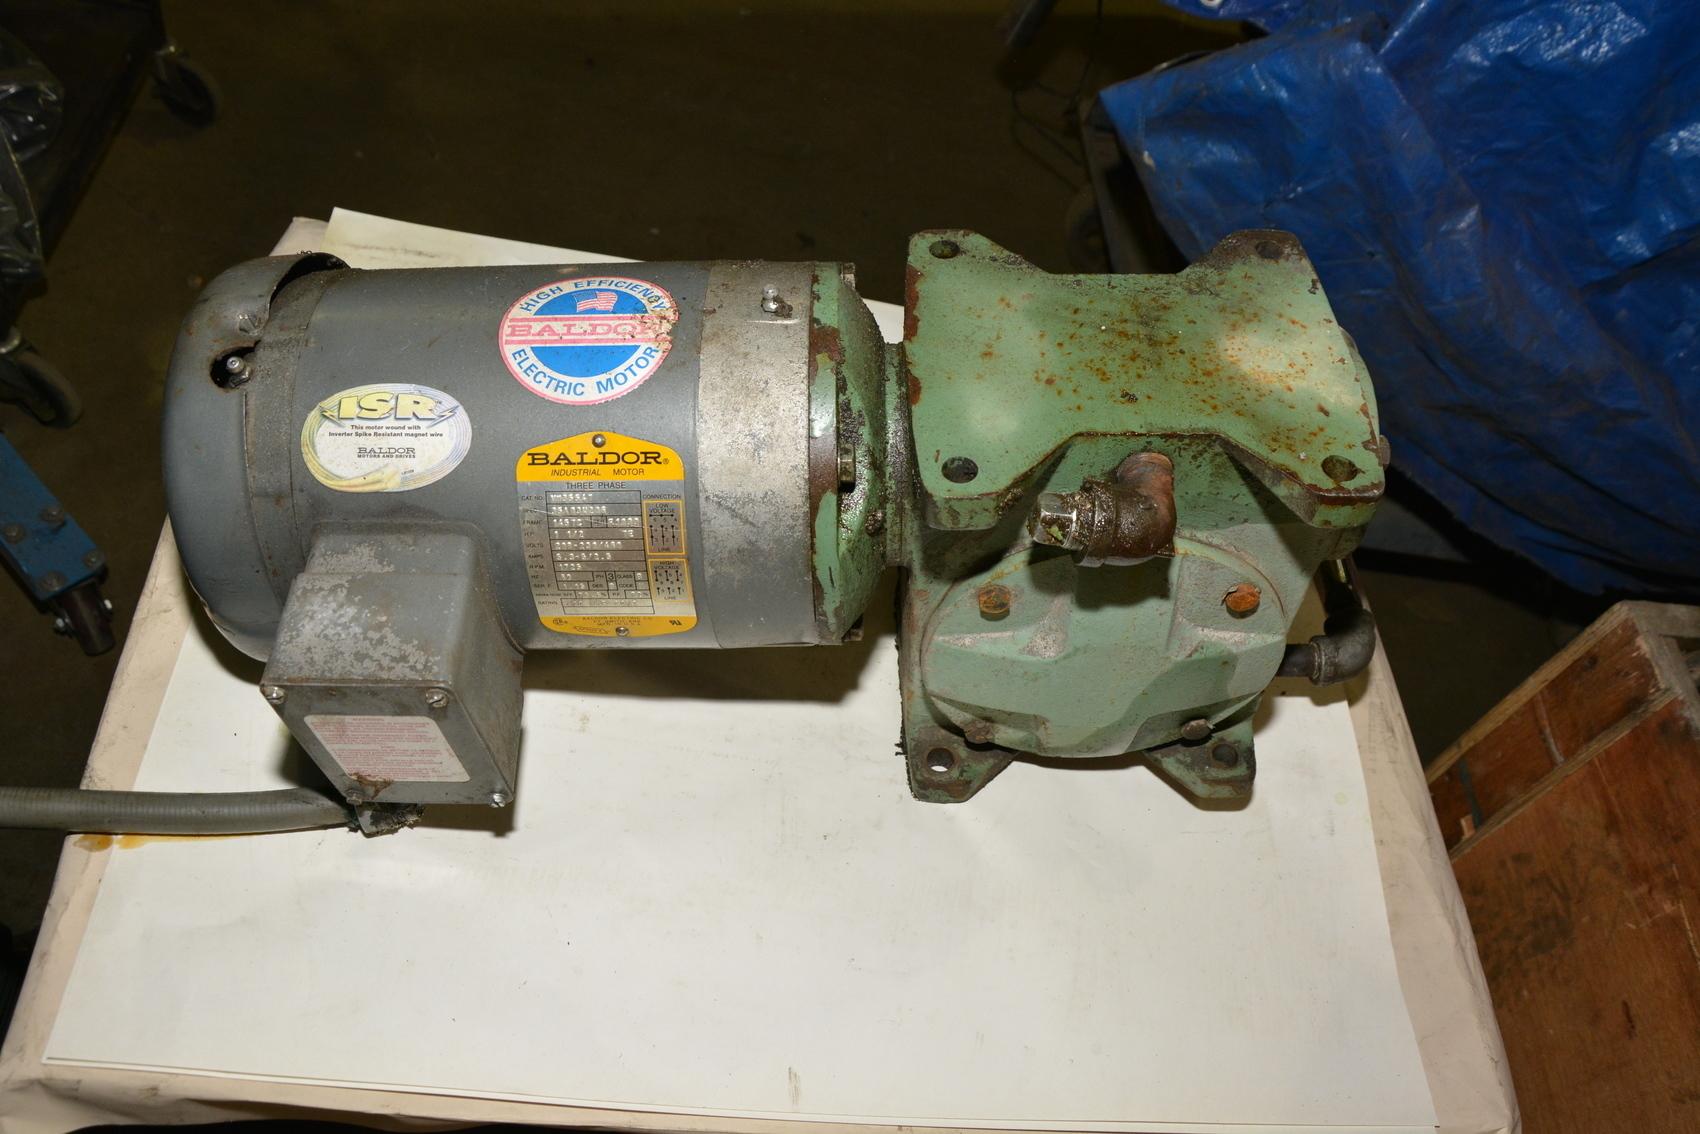 Baldor 1 5 hp gear motor 3 ph 1725 rpm vm3554t inv 19913 for Baldor 1 5 hp motor